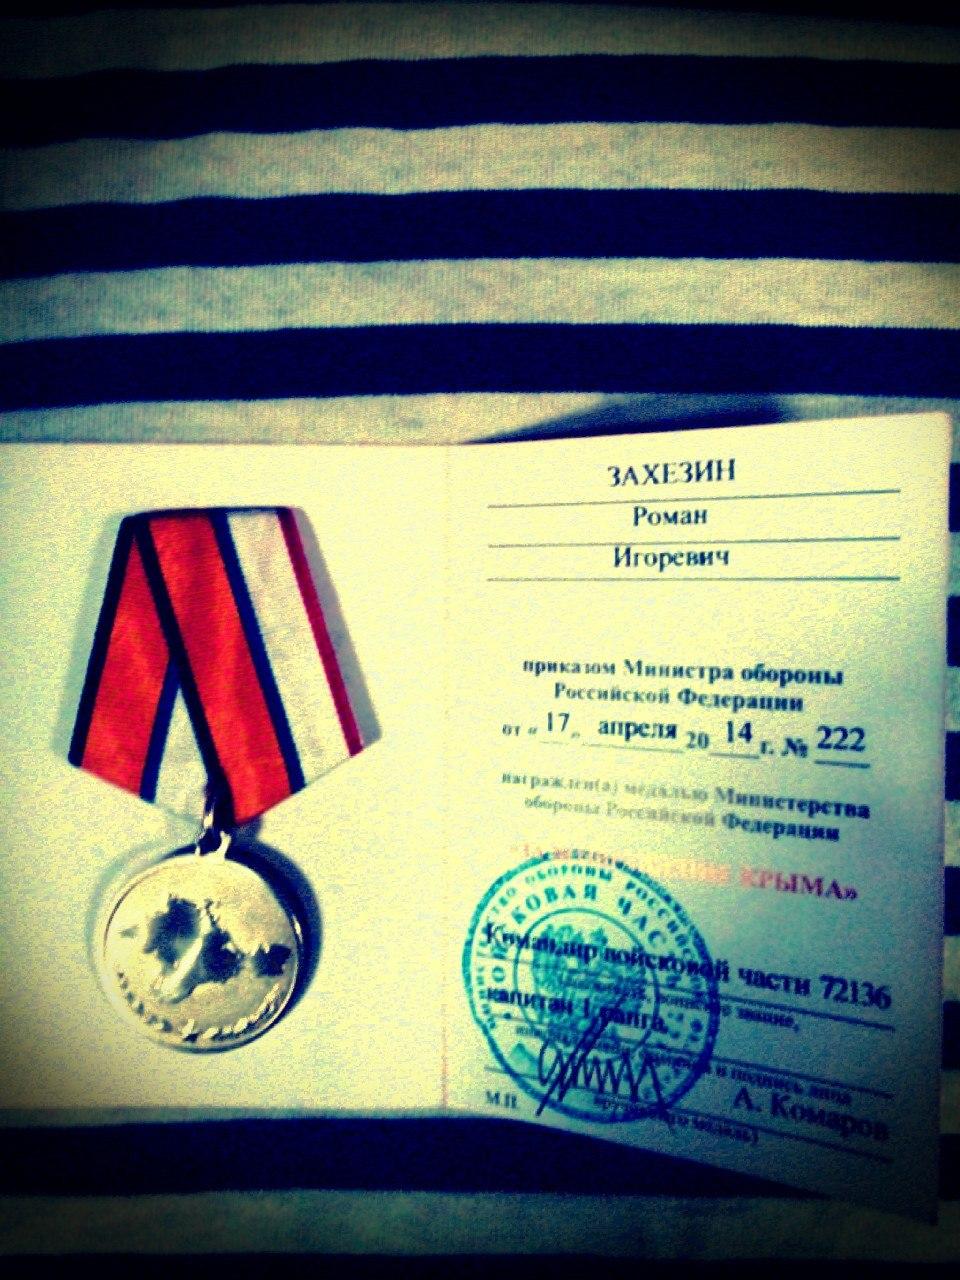 Роман Захезін опублікував фото з медаллю за окупацію Криму та фото нагородного посвідчення до неї